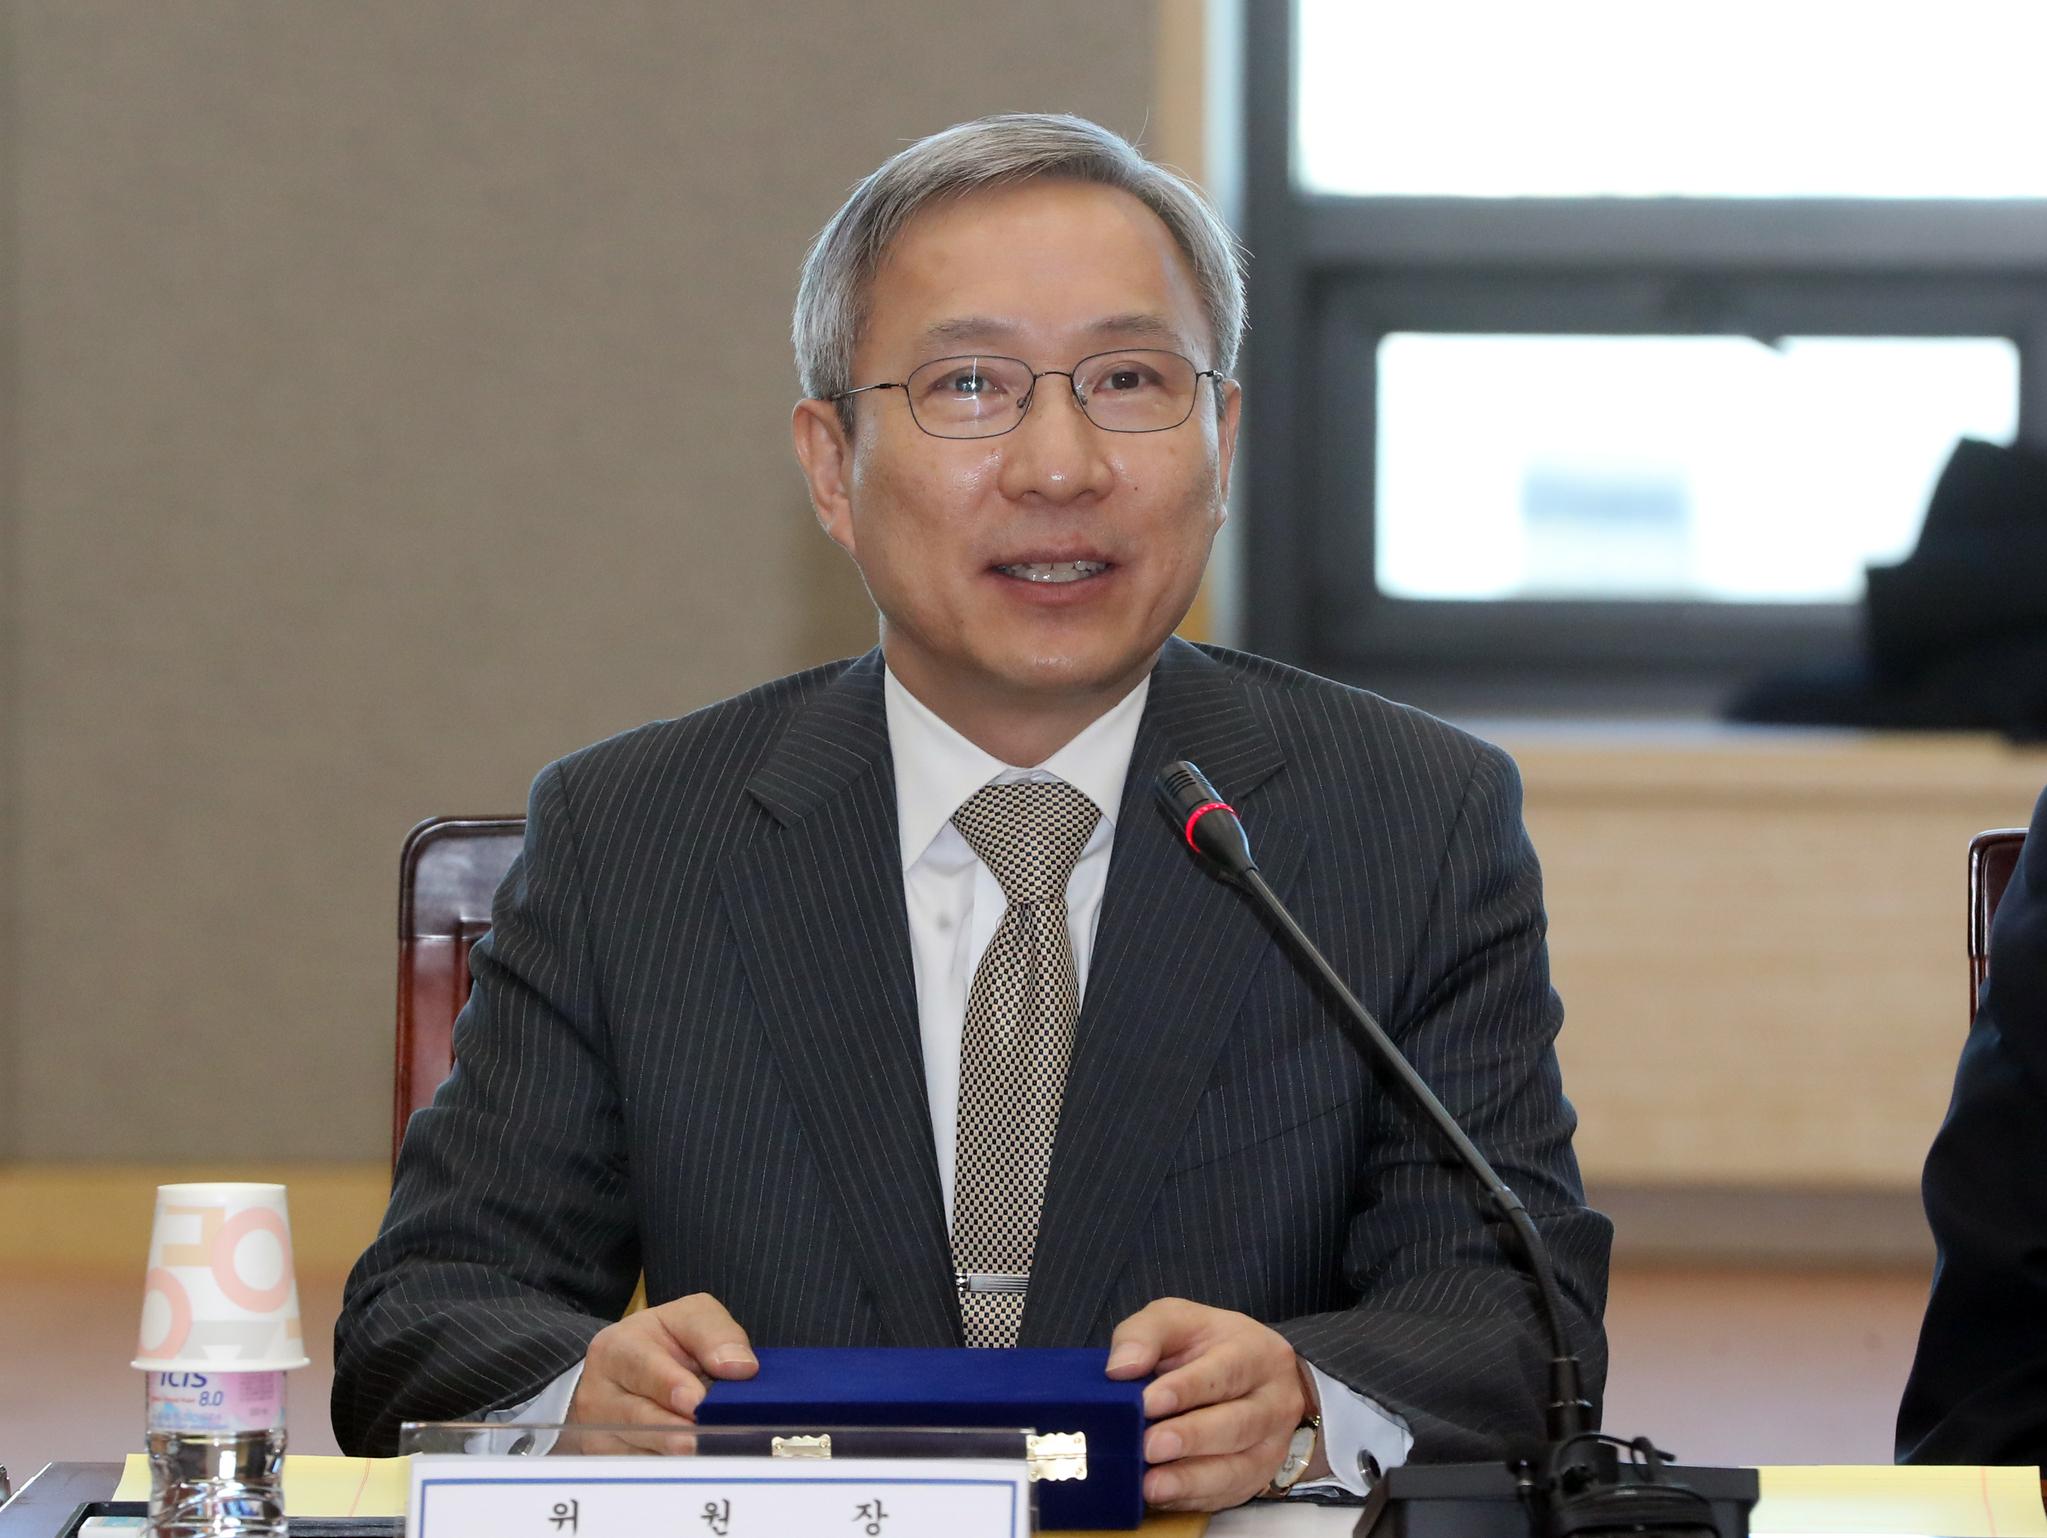 강일원 전 헌법재판관. 연합뉴스